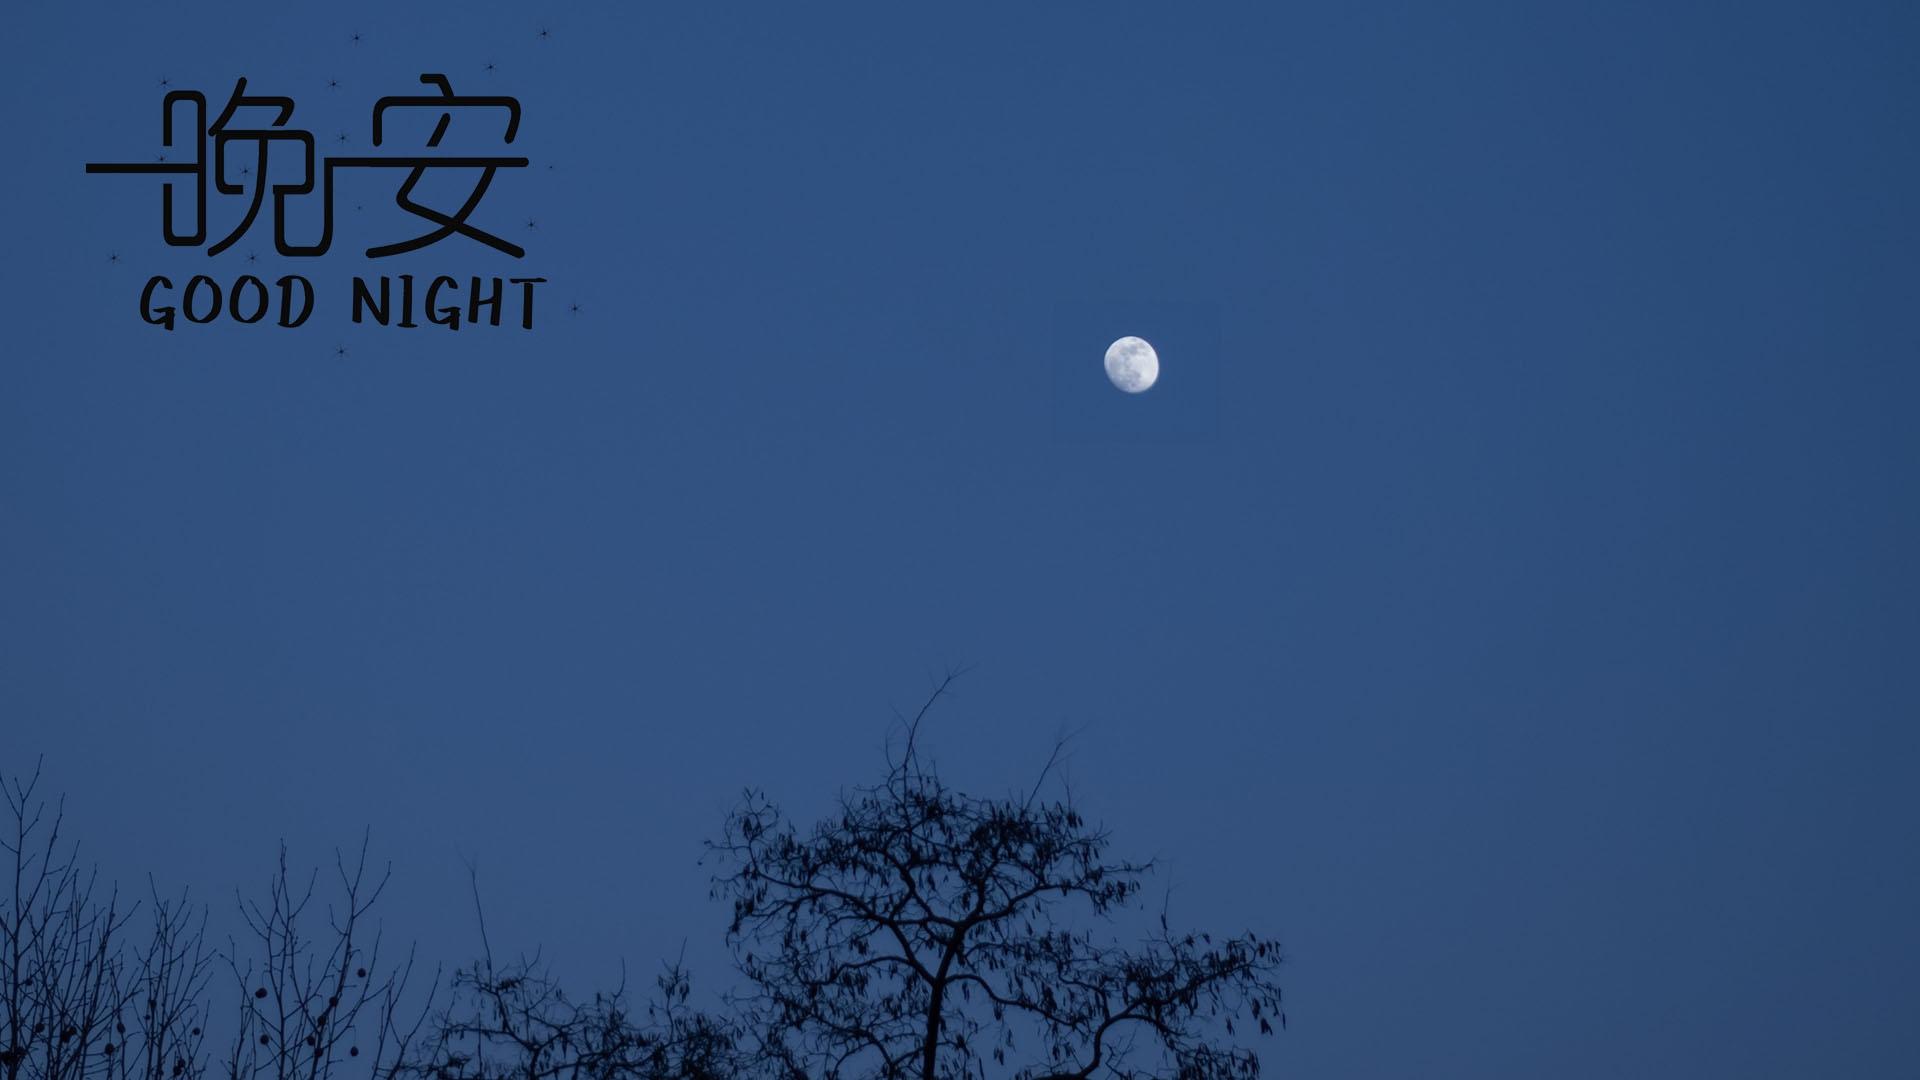 晚安夜晚迷人月色图片